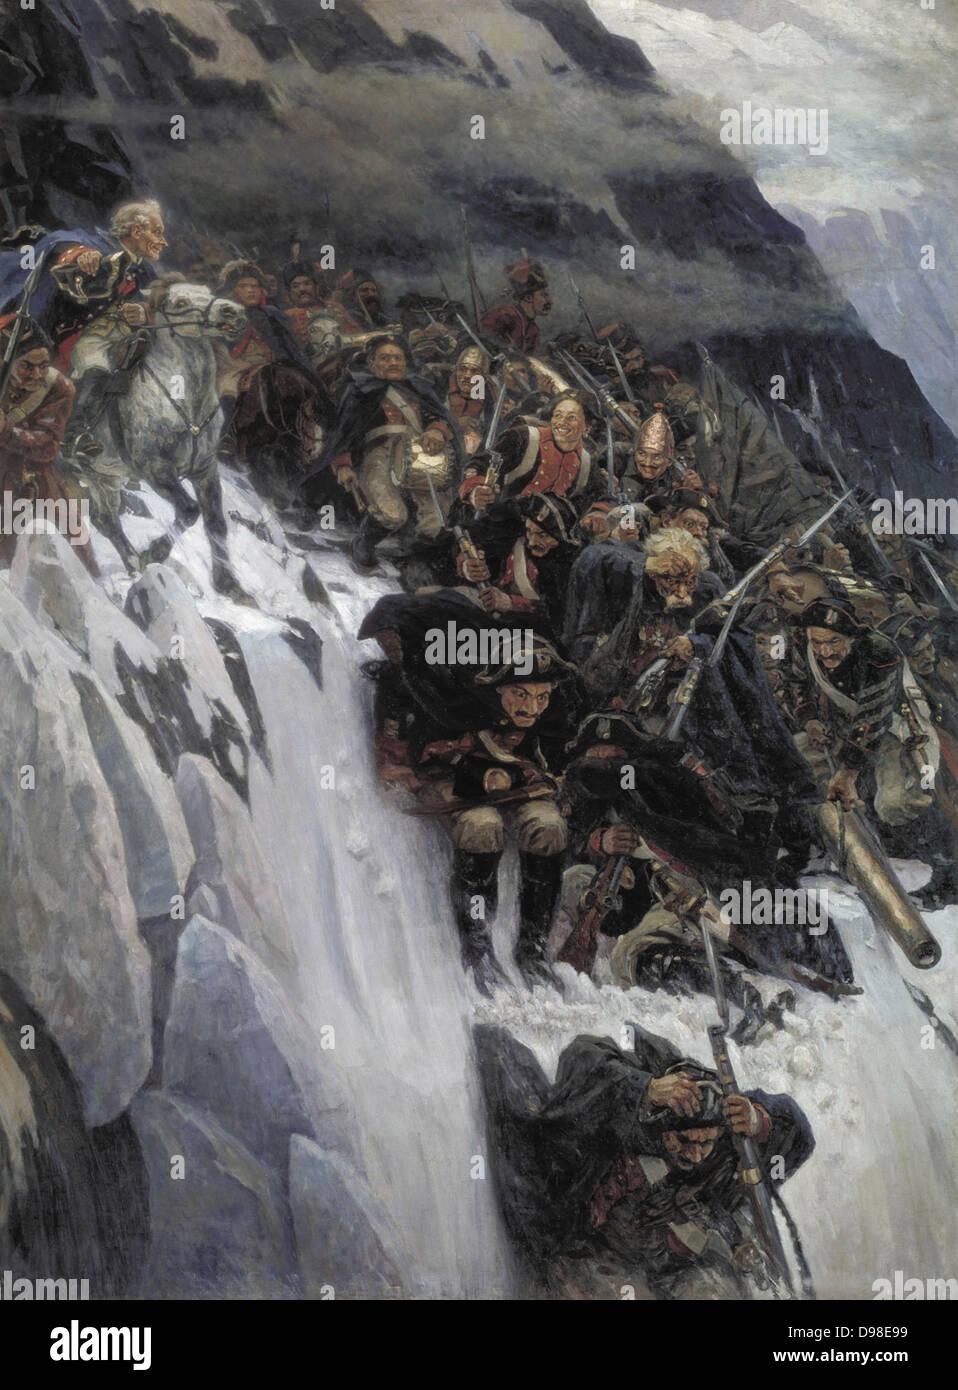 Wassilij Iwanowitsch Surikow (1848-1916) le truppe russe sotto Suvorov attraversamento delle Alpi nel 1799. Data Immagini Stock